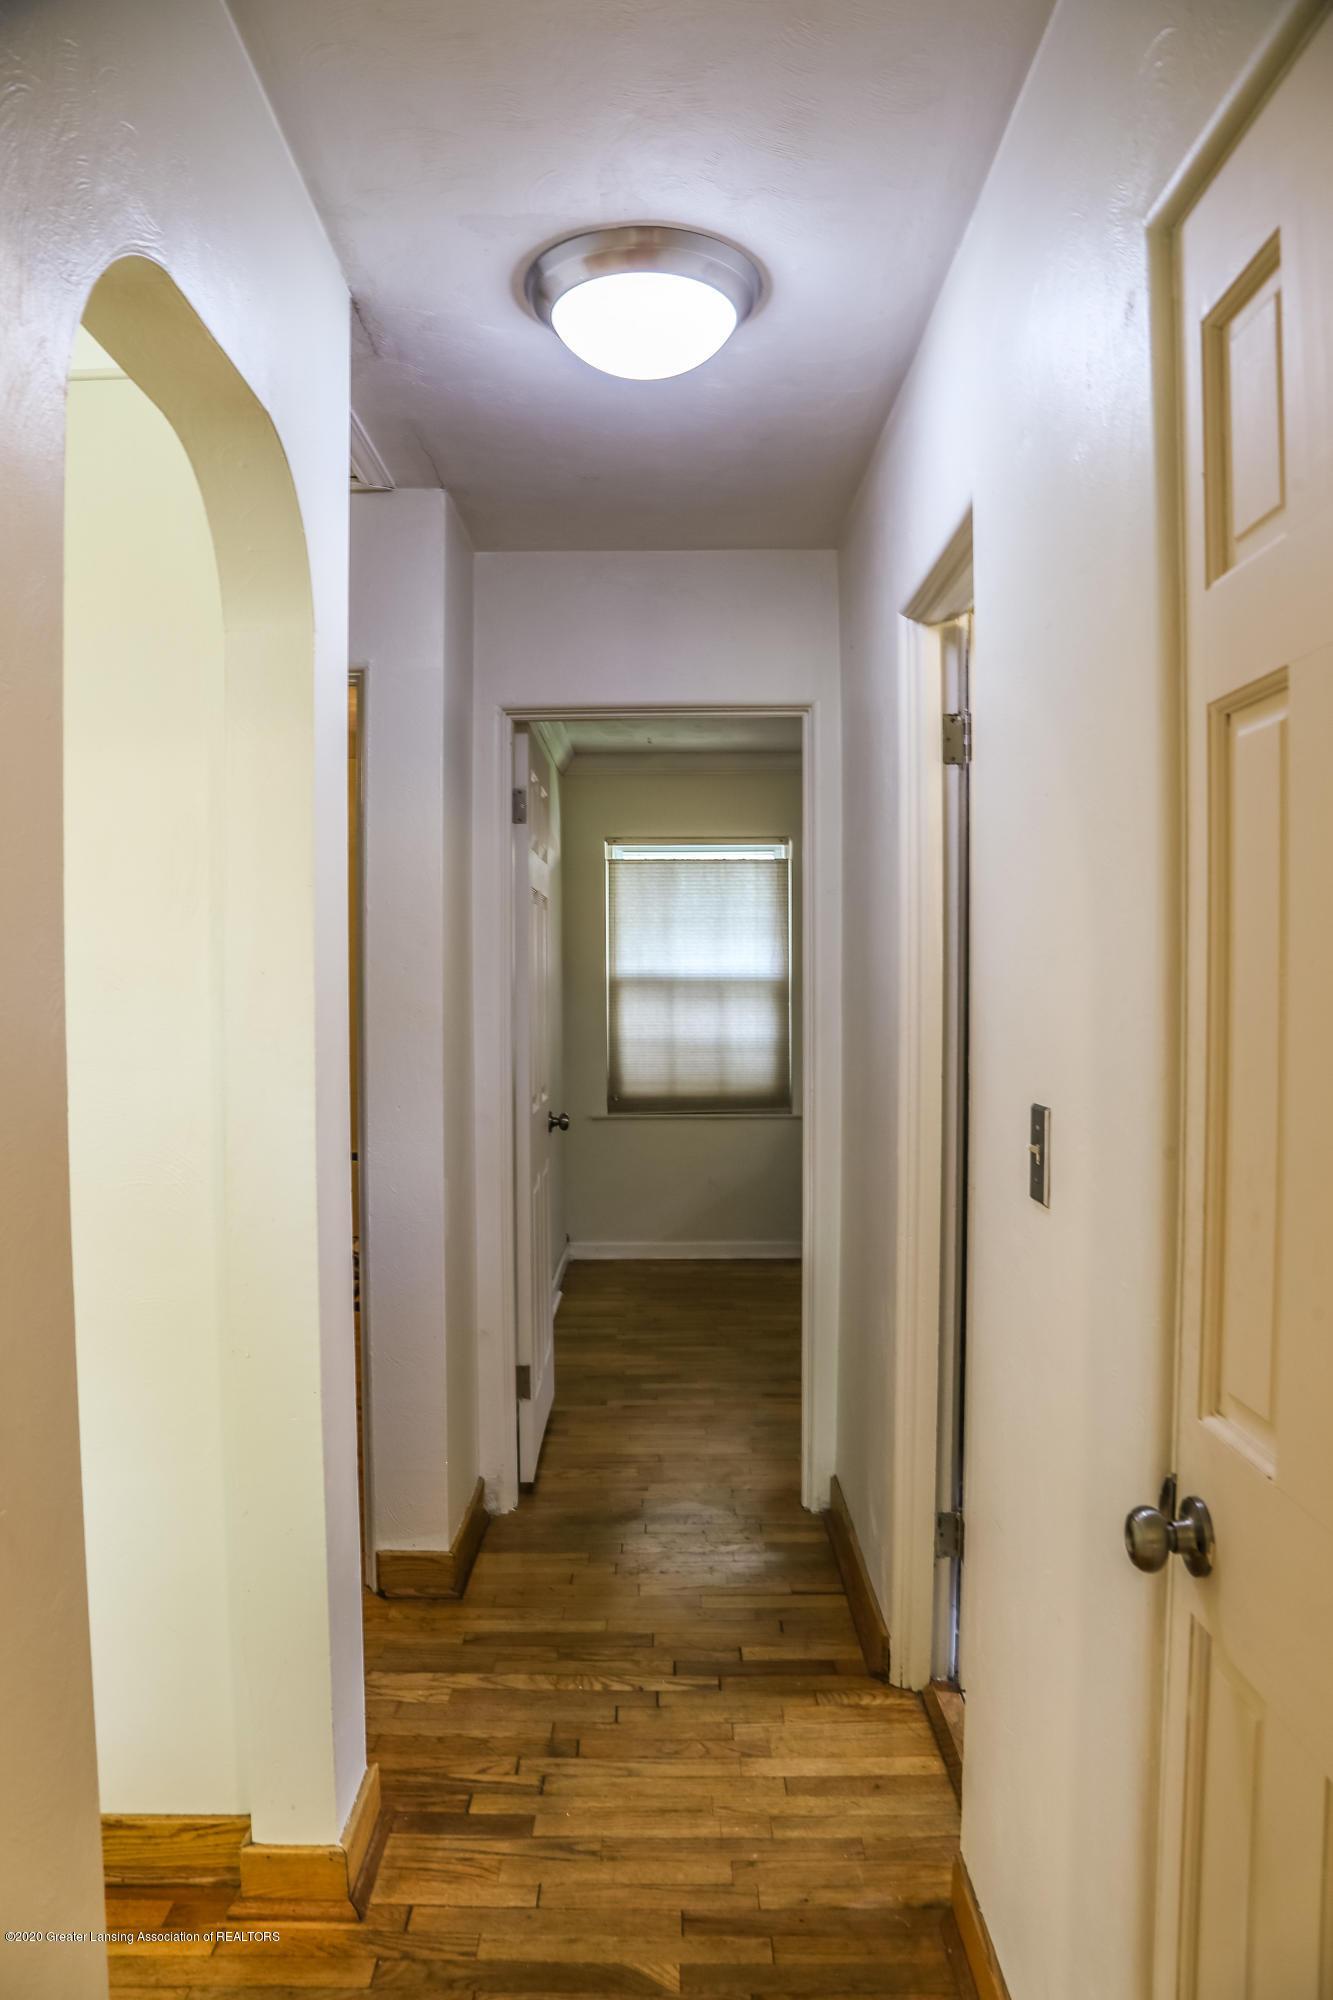 515 Durand St - Bedroom Hallway - 17